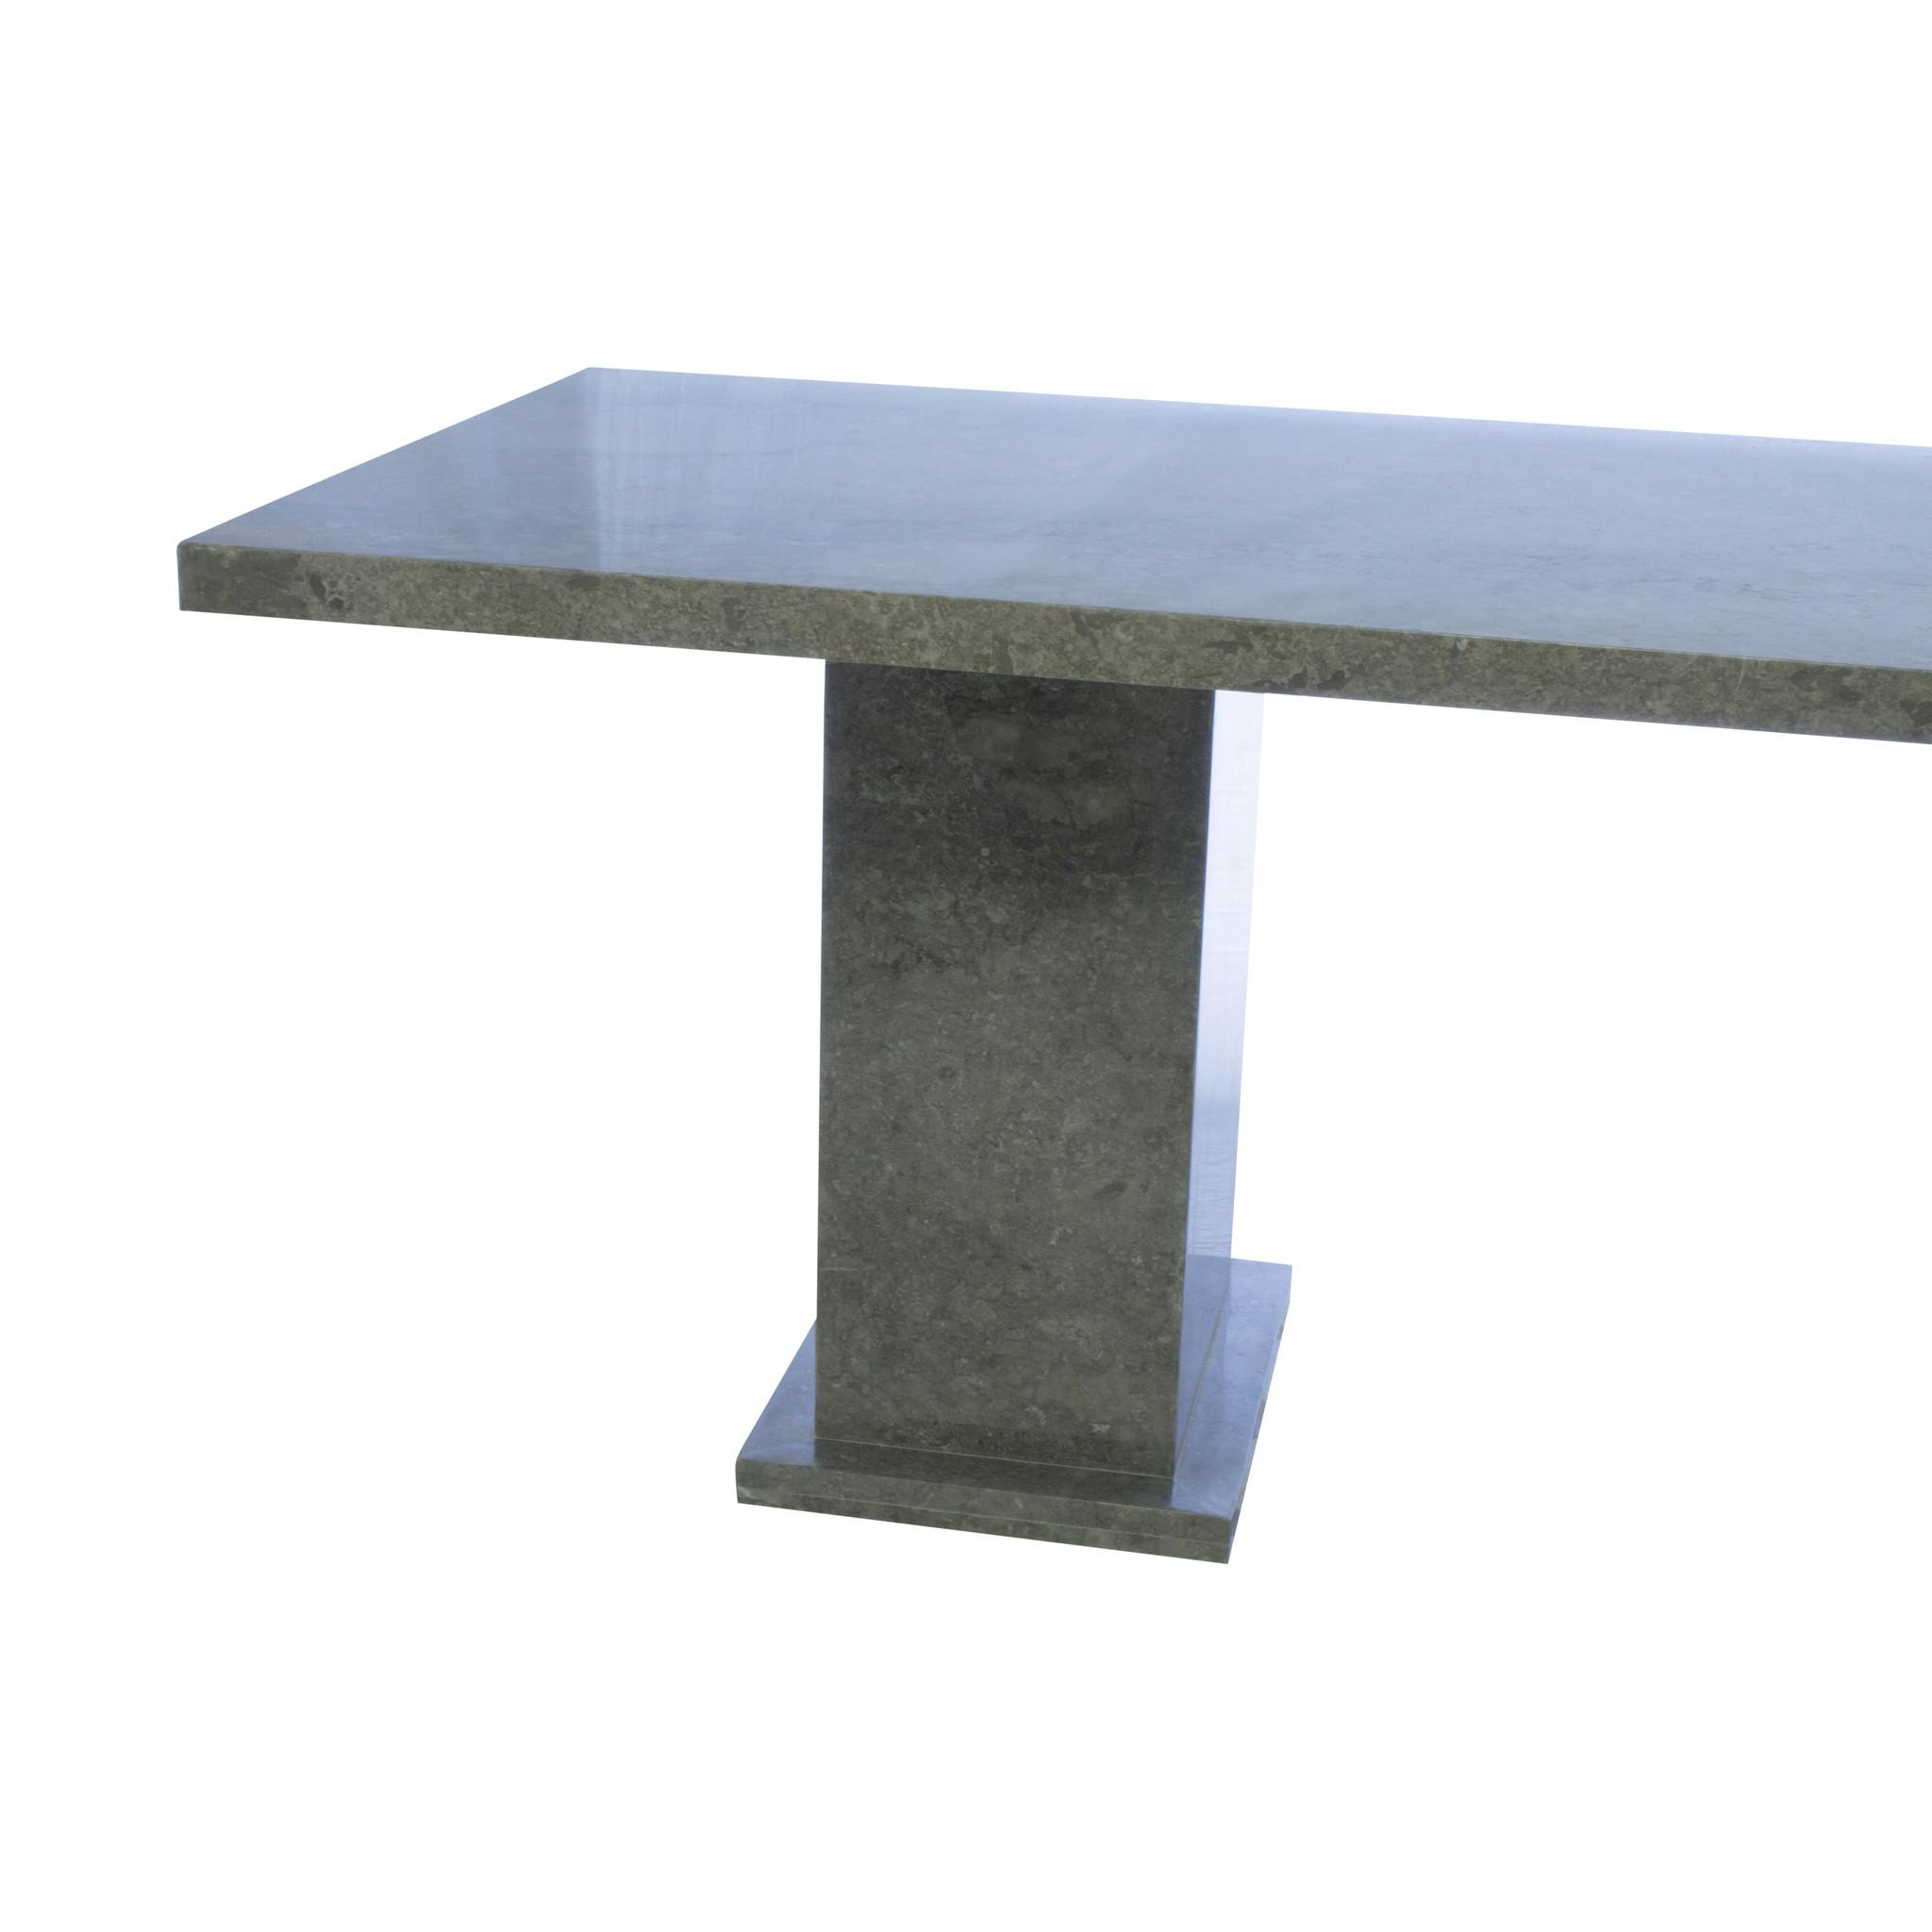 Indomarmer Esstisch Rechteck 200x90x79 cm Grauer Marmor